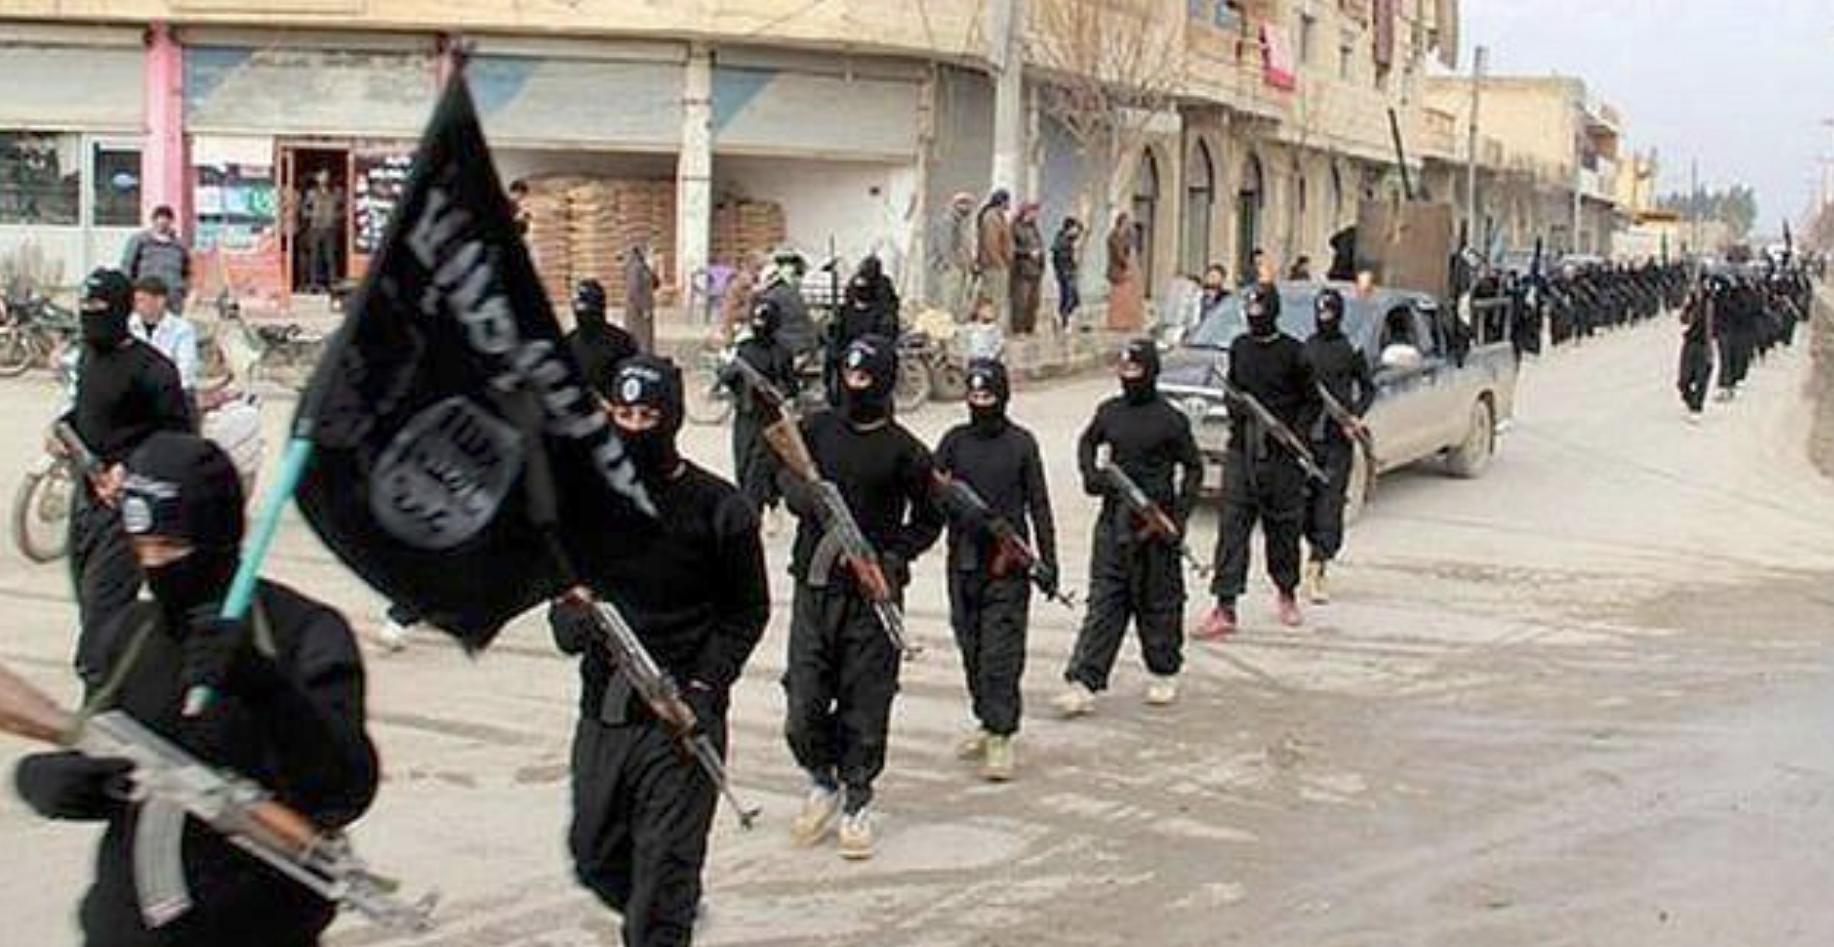 Μαχητές του ISIS παρελαύνουν με όπλα και σημαίες στη Ράκα της Συρίας το 2014.